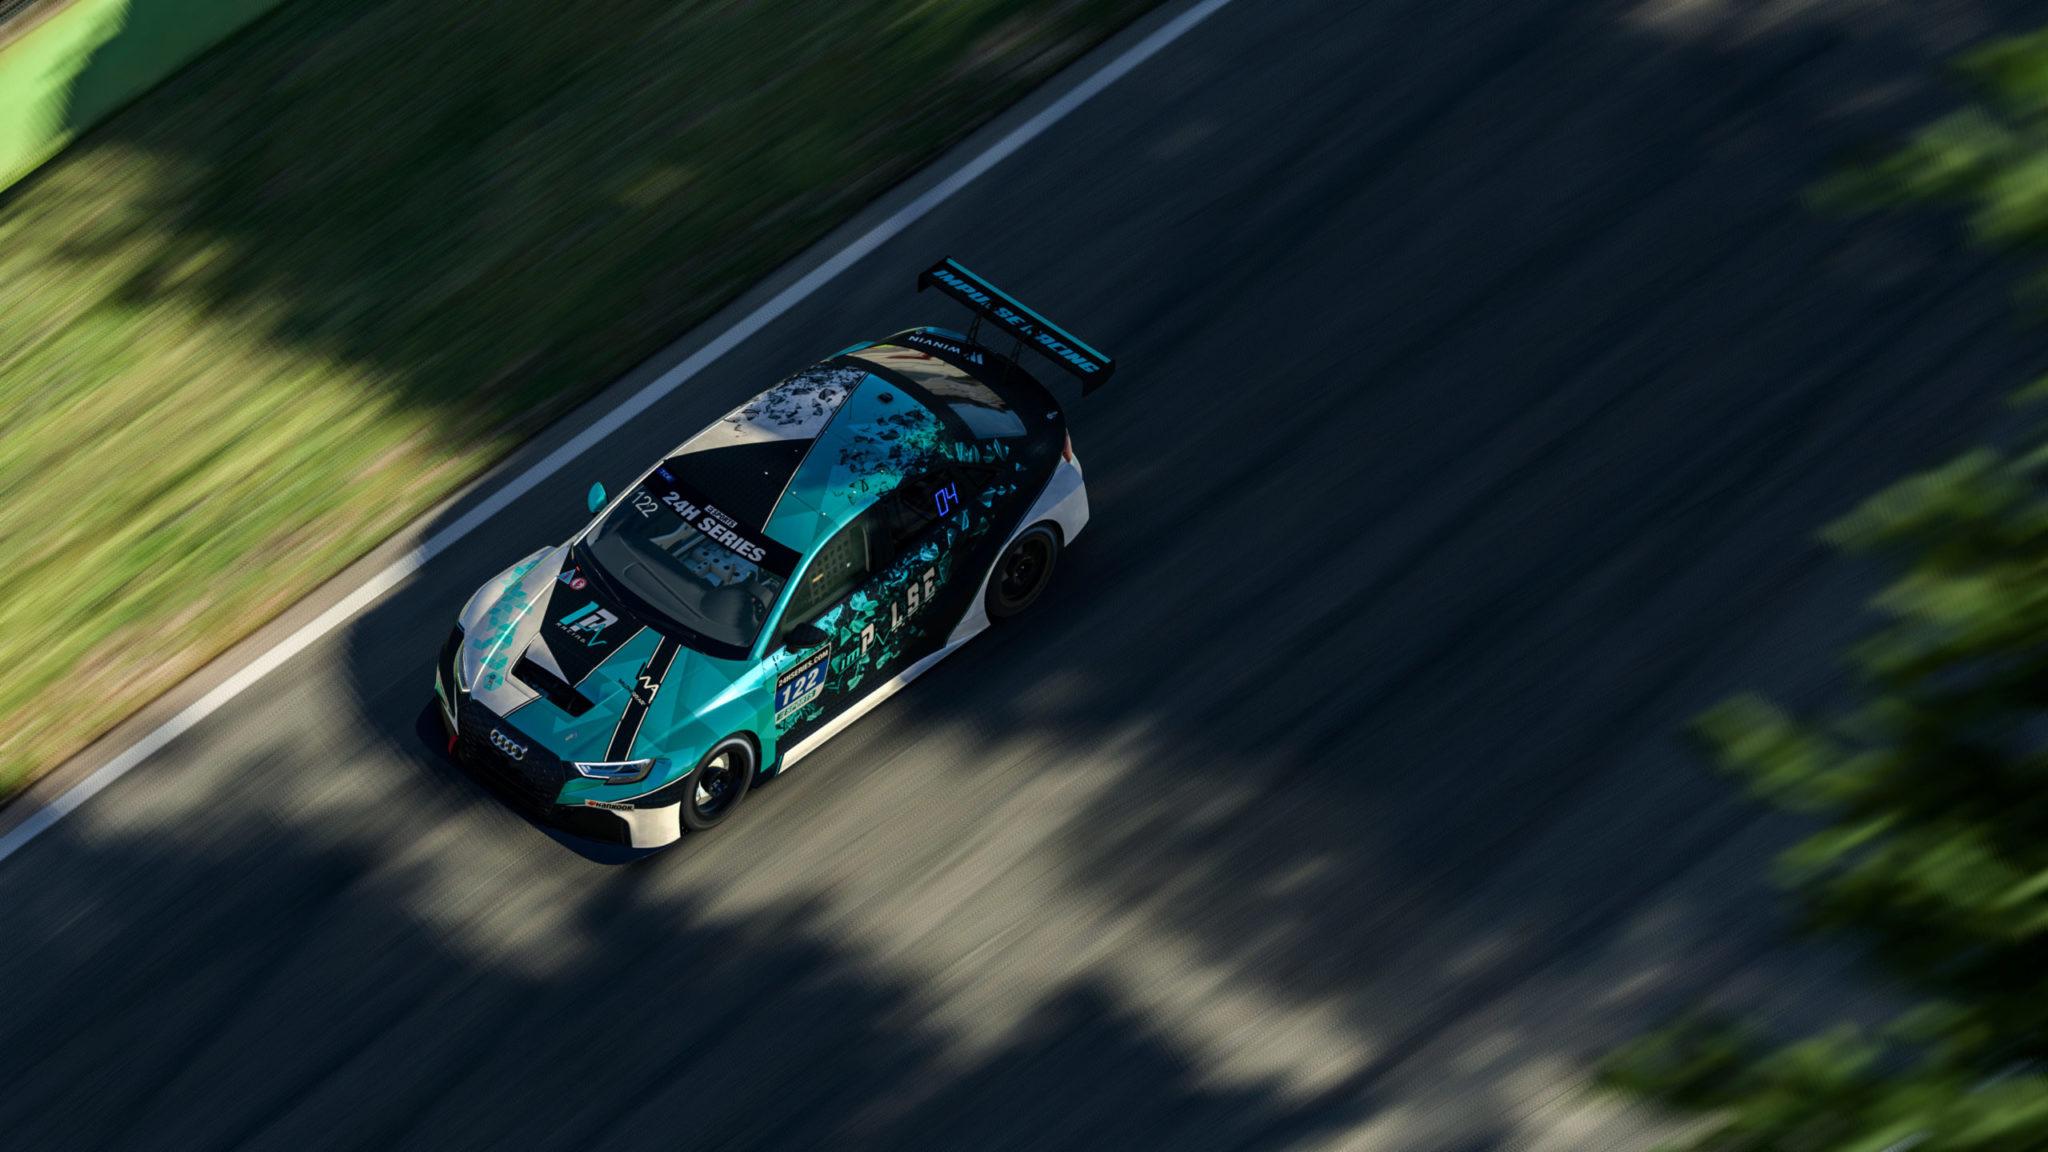 TCR top view imola 24h esport series